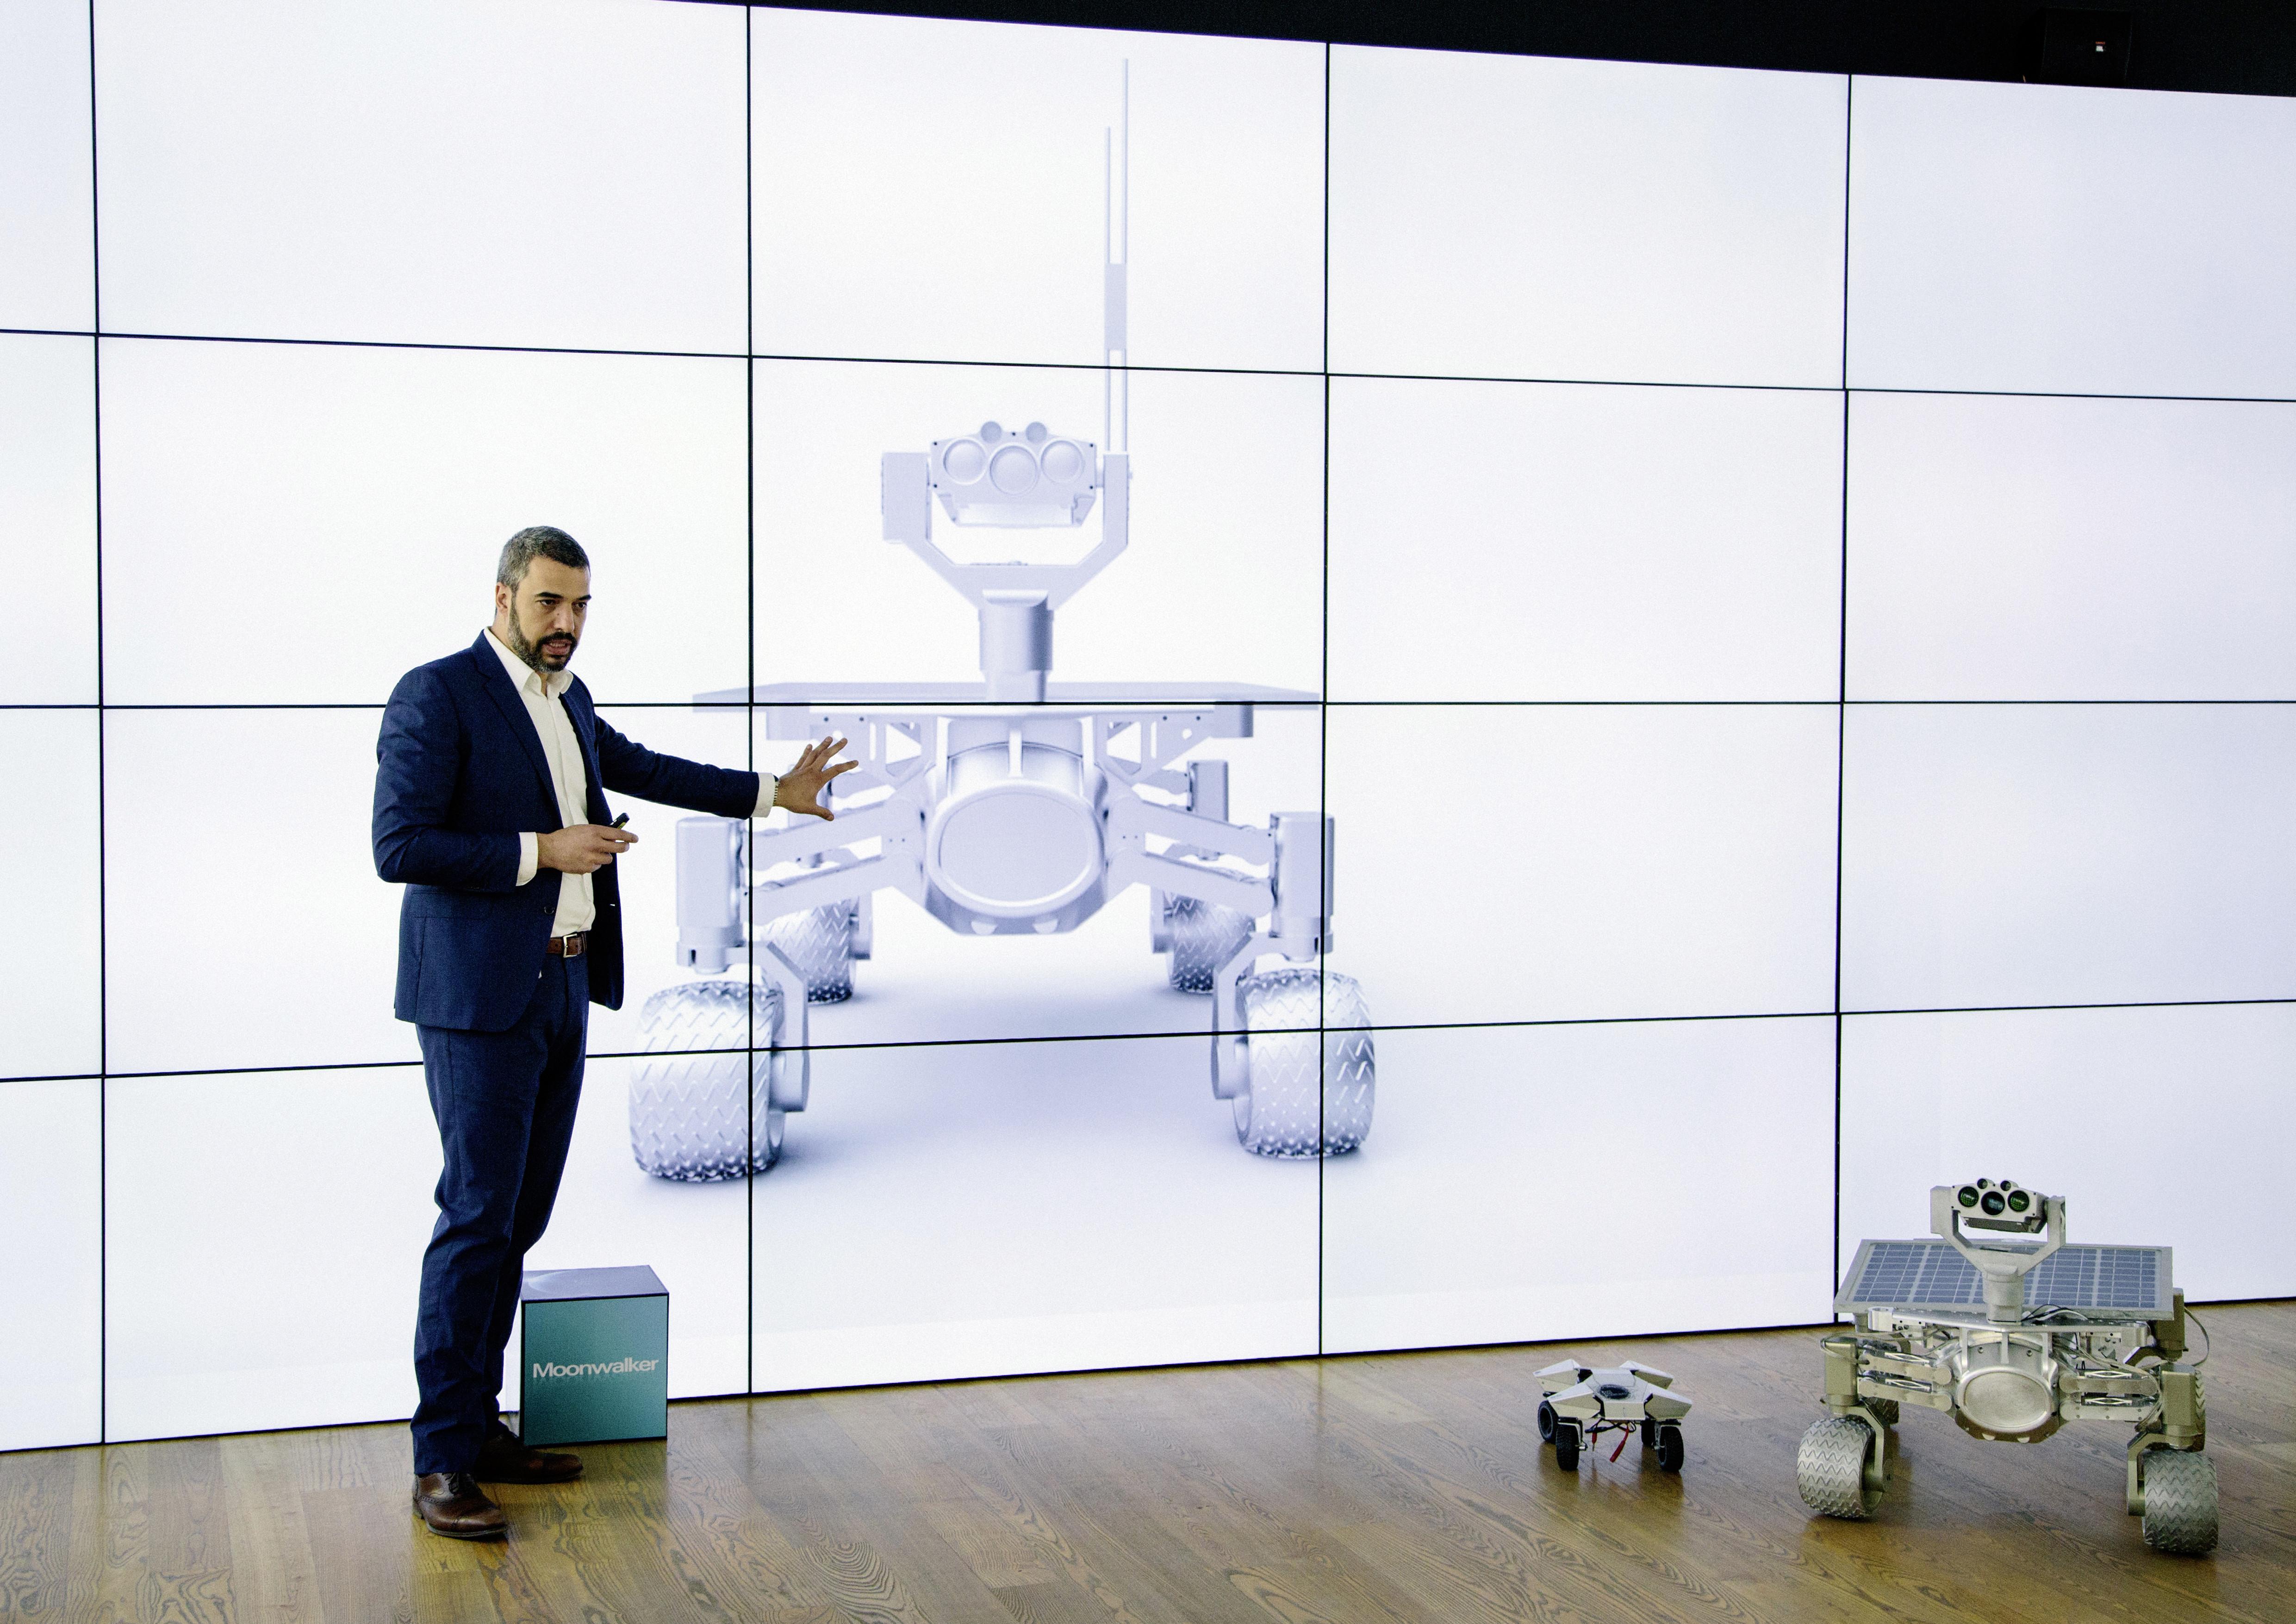 Jorge Diez, szef Audi Concept Design Munich,opowiada o łaziku podczas prezentacji projektu.